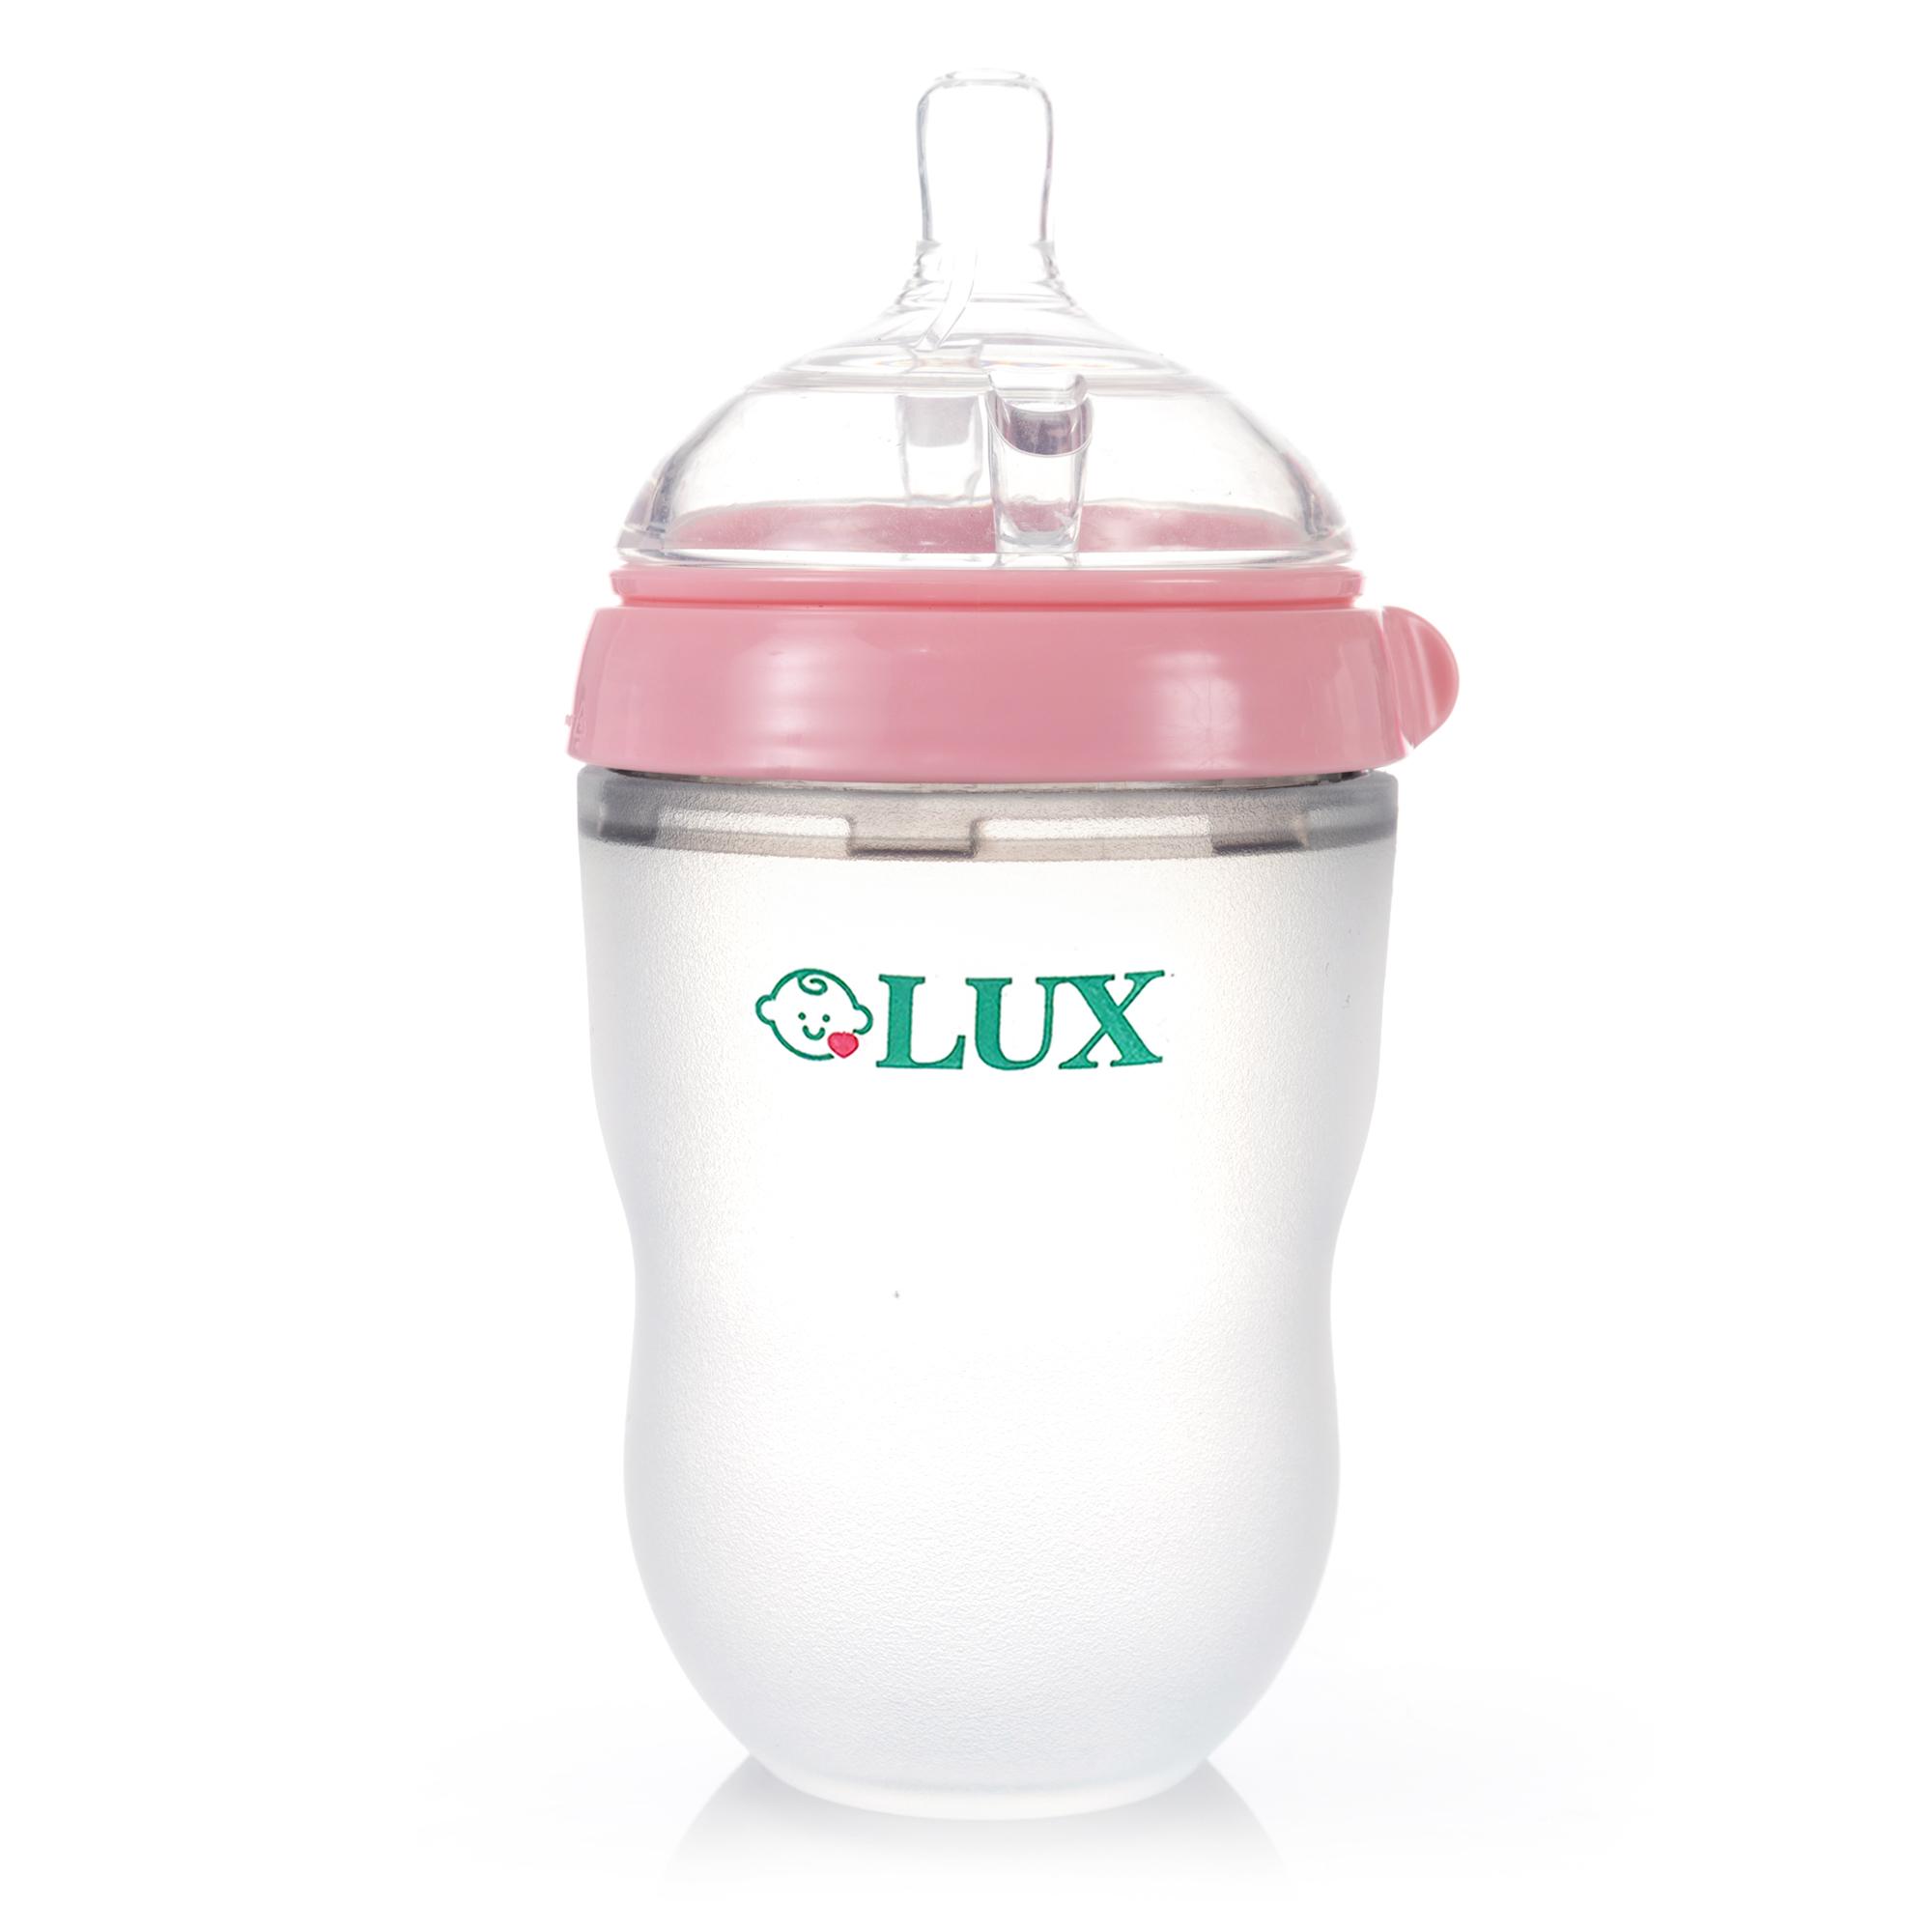 b0fa5b32e LUX Silicone Baby Bottle